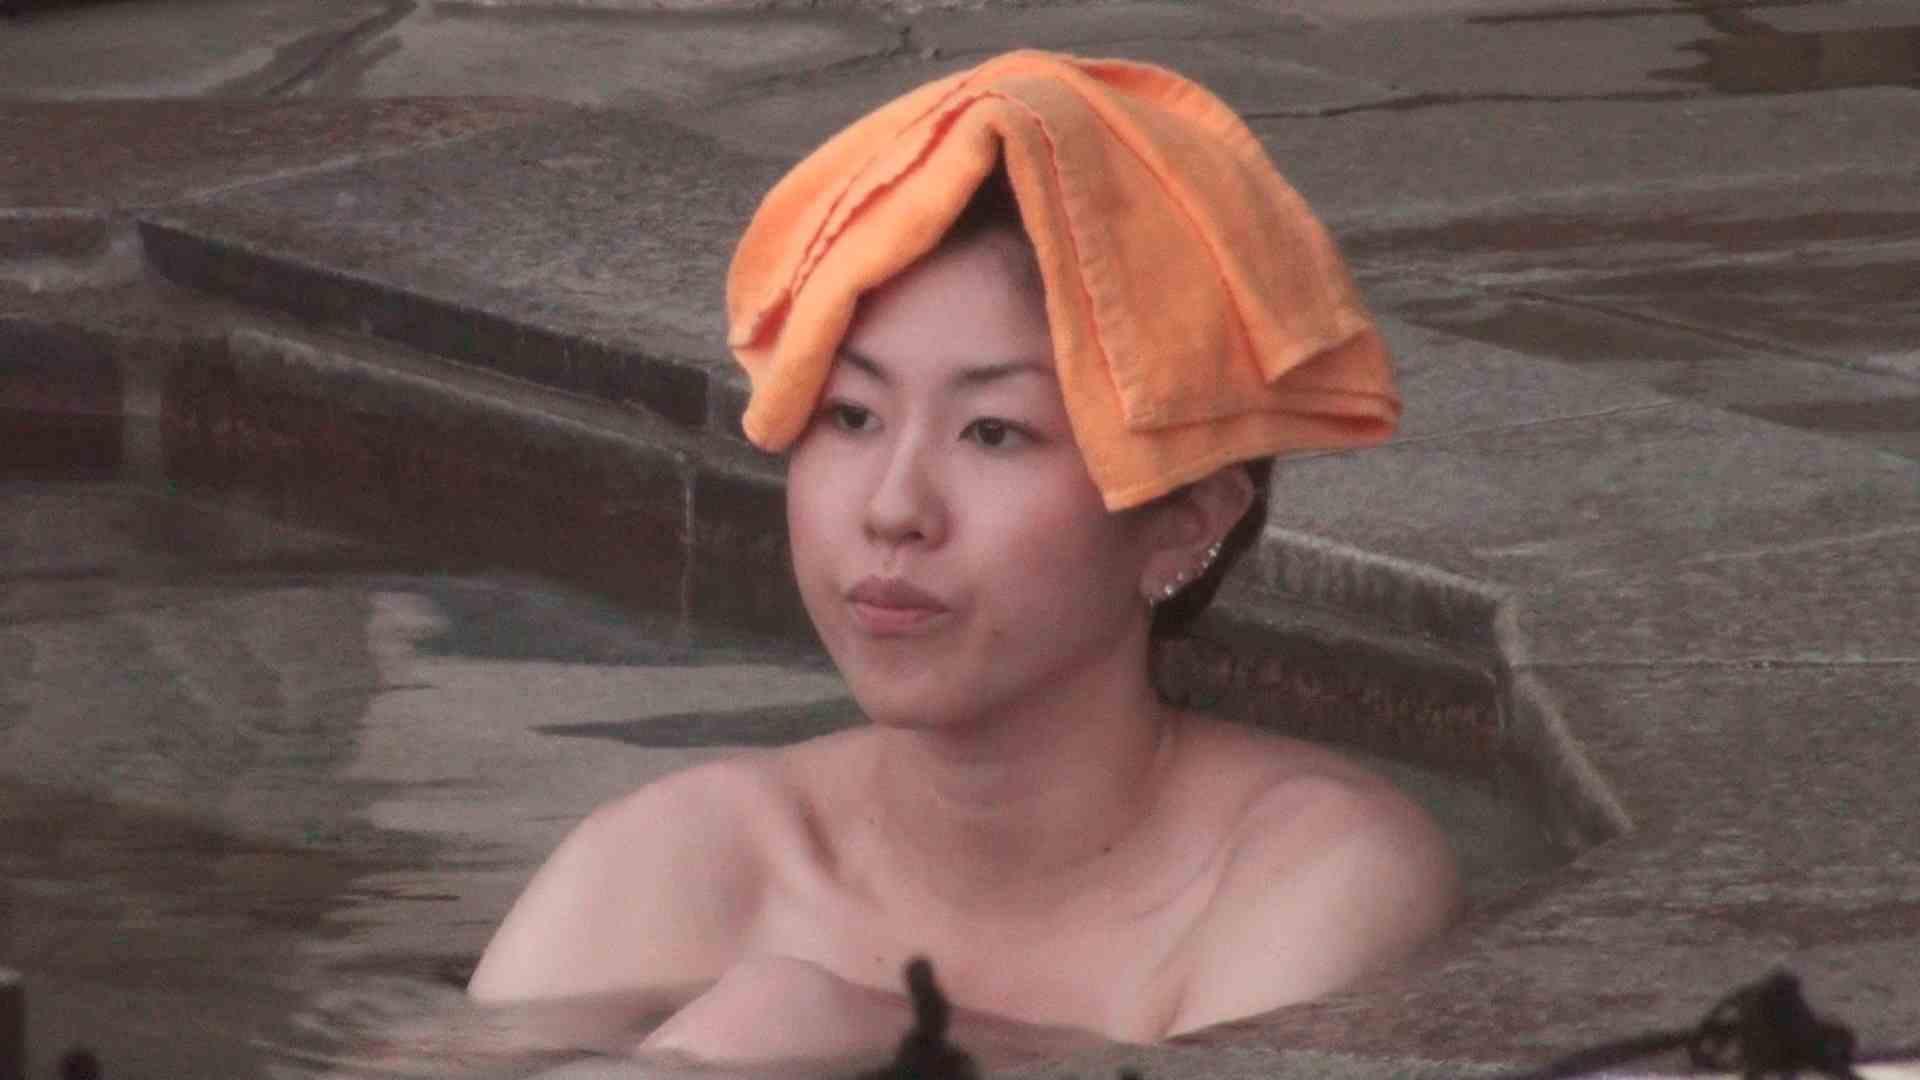 Aquaな露天風呂Vol.135 美しいOLの裸体 覗きおまんこ画像 105pic 98